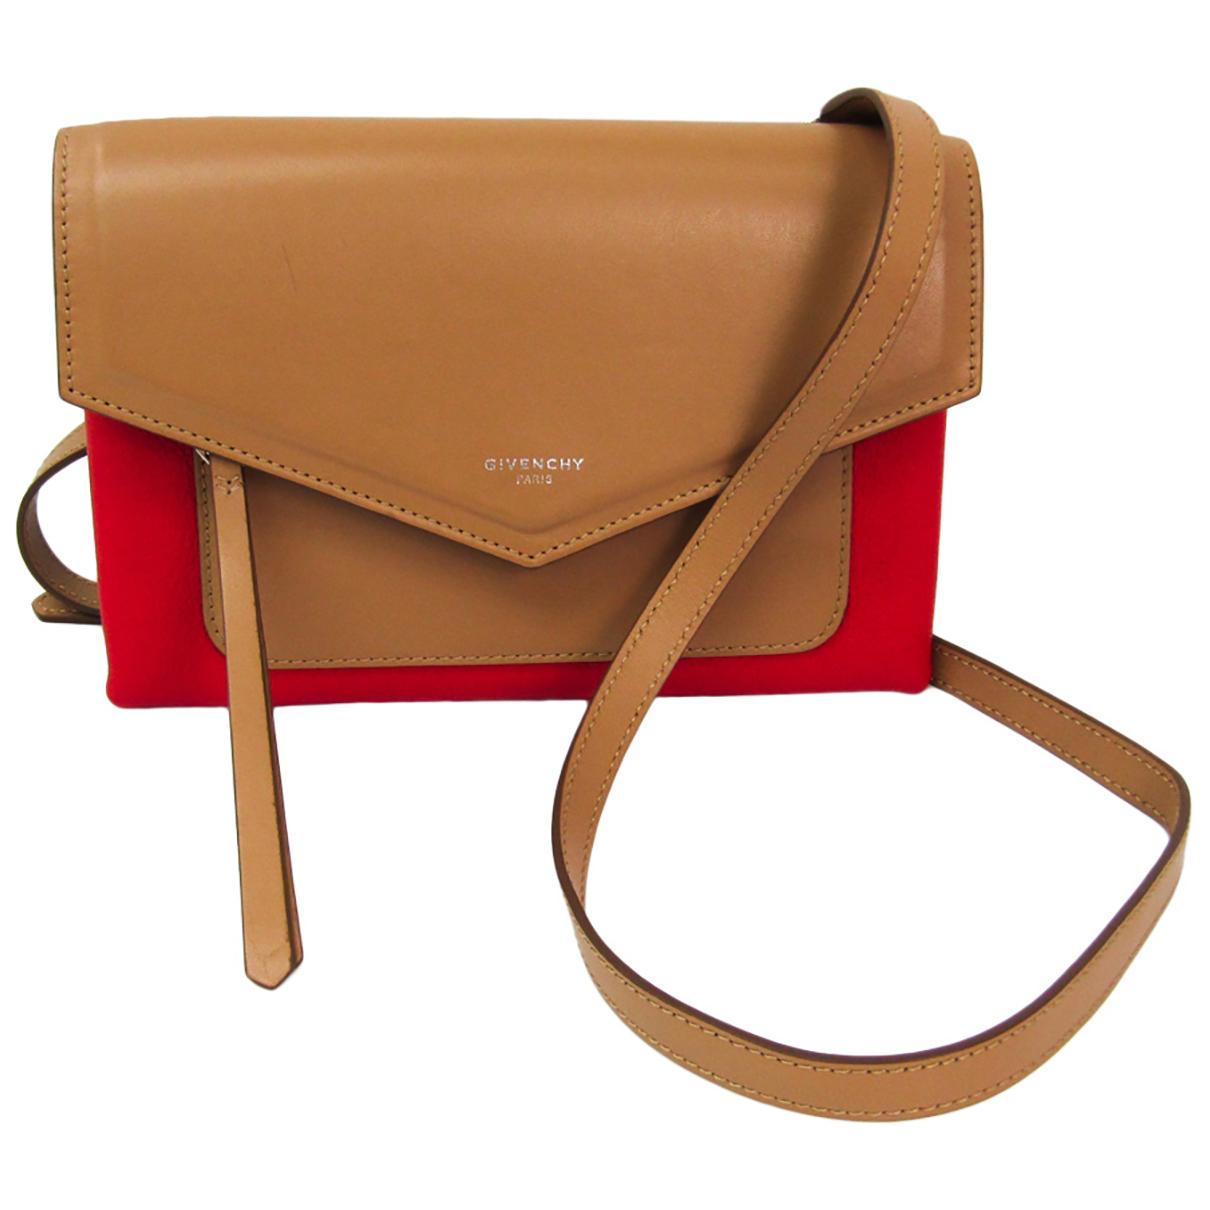 Givenchy \N Handtasche in  Beige Leder